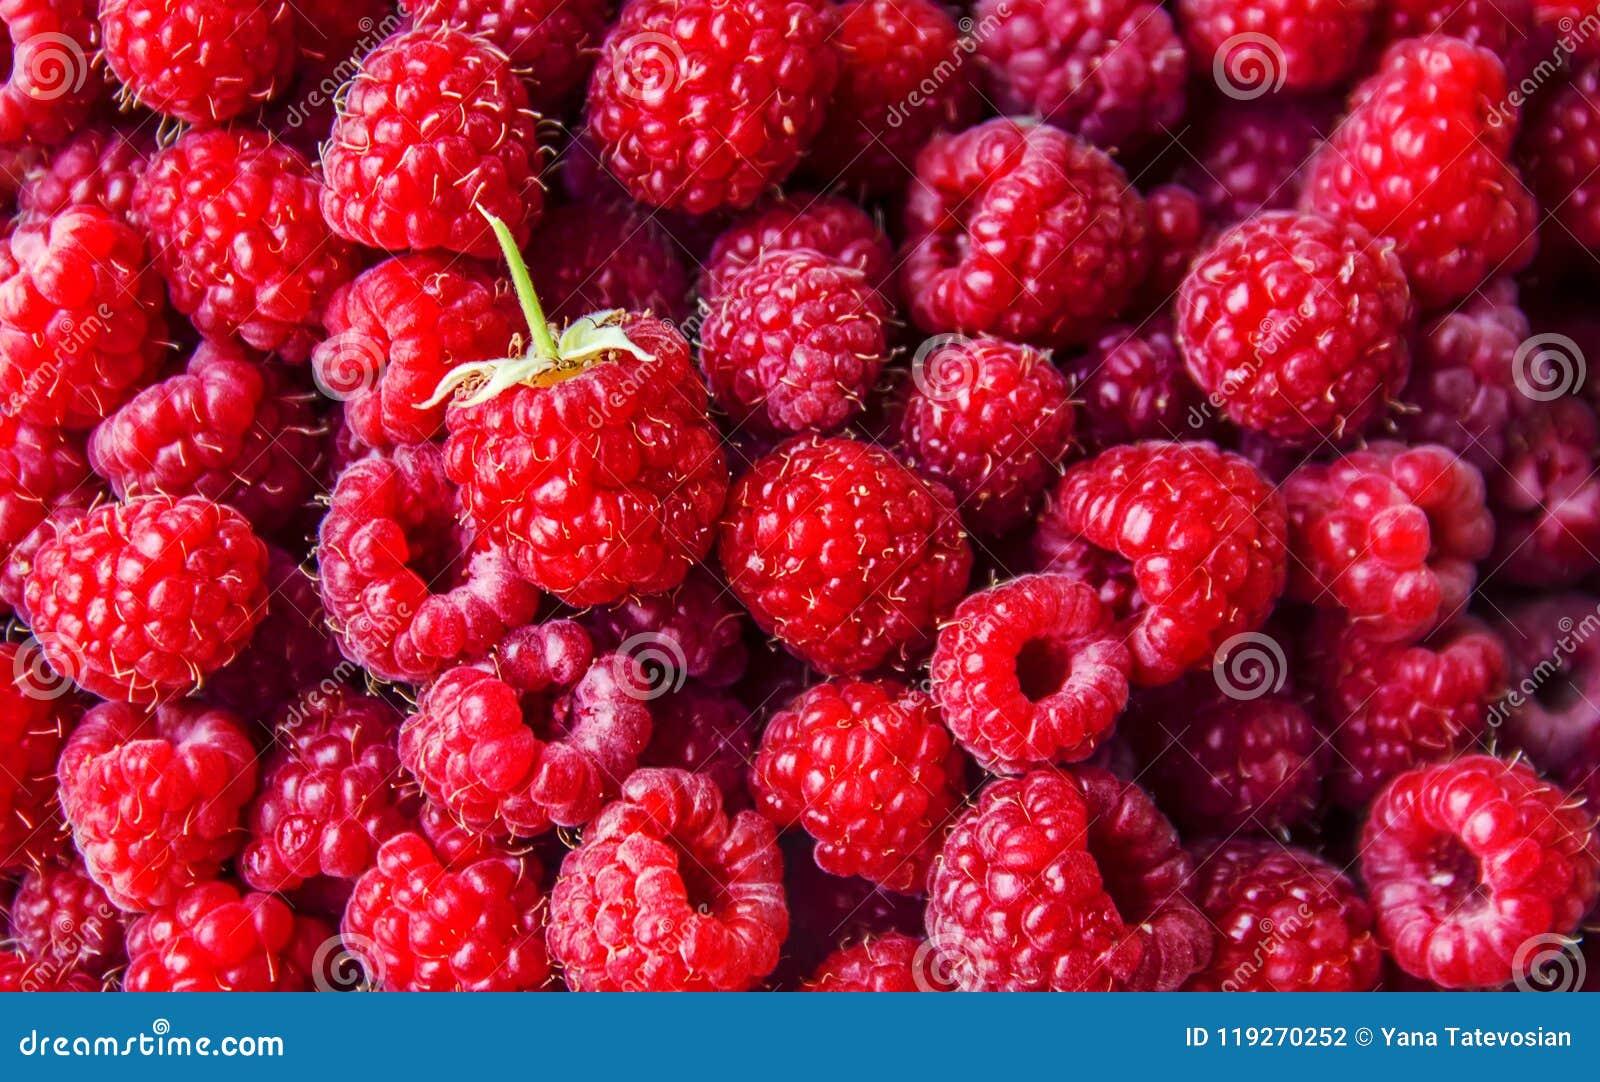 ягоды поленики дом Селективный фокус